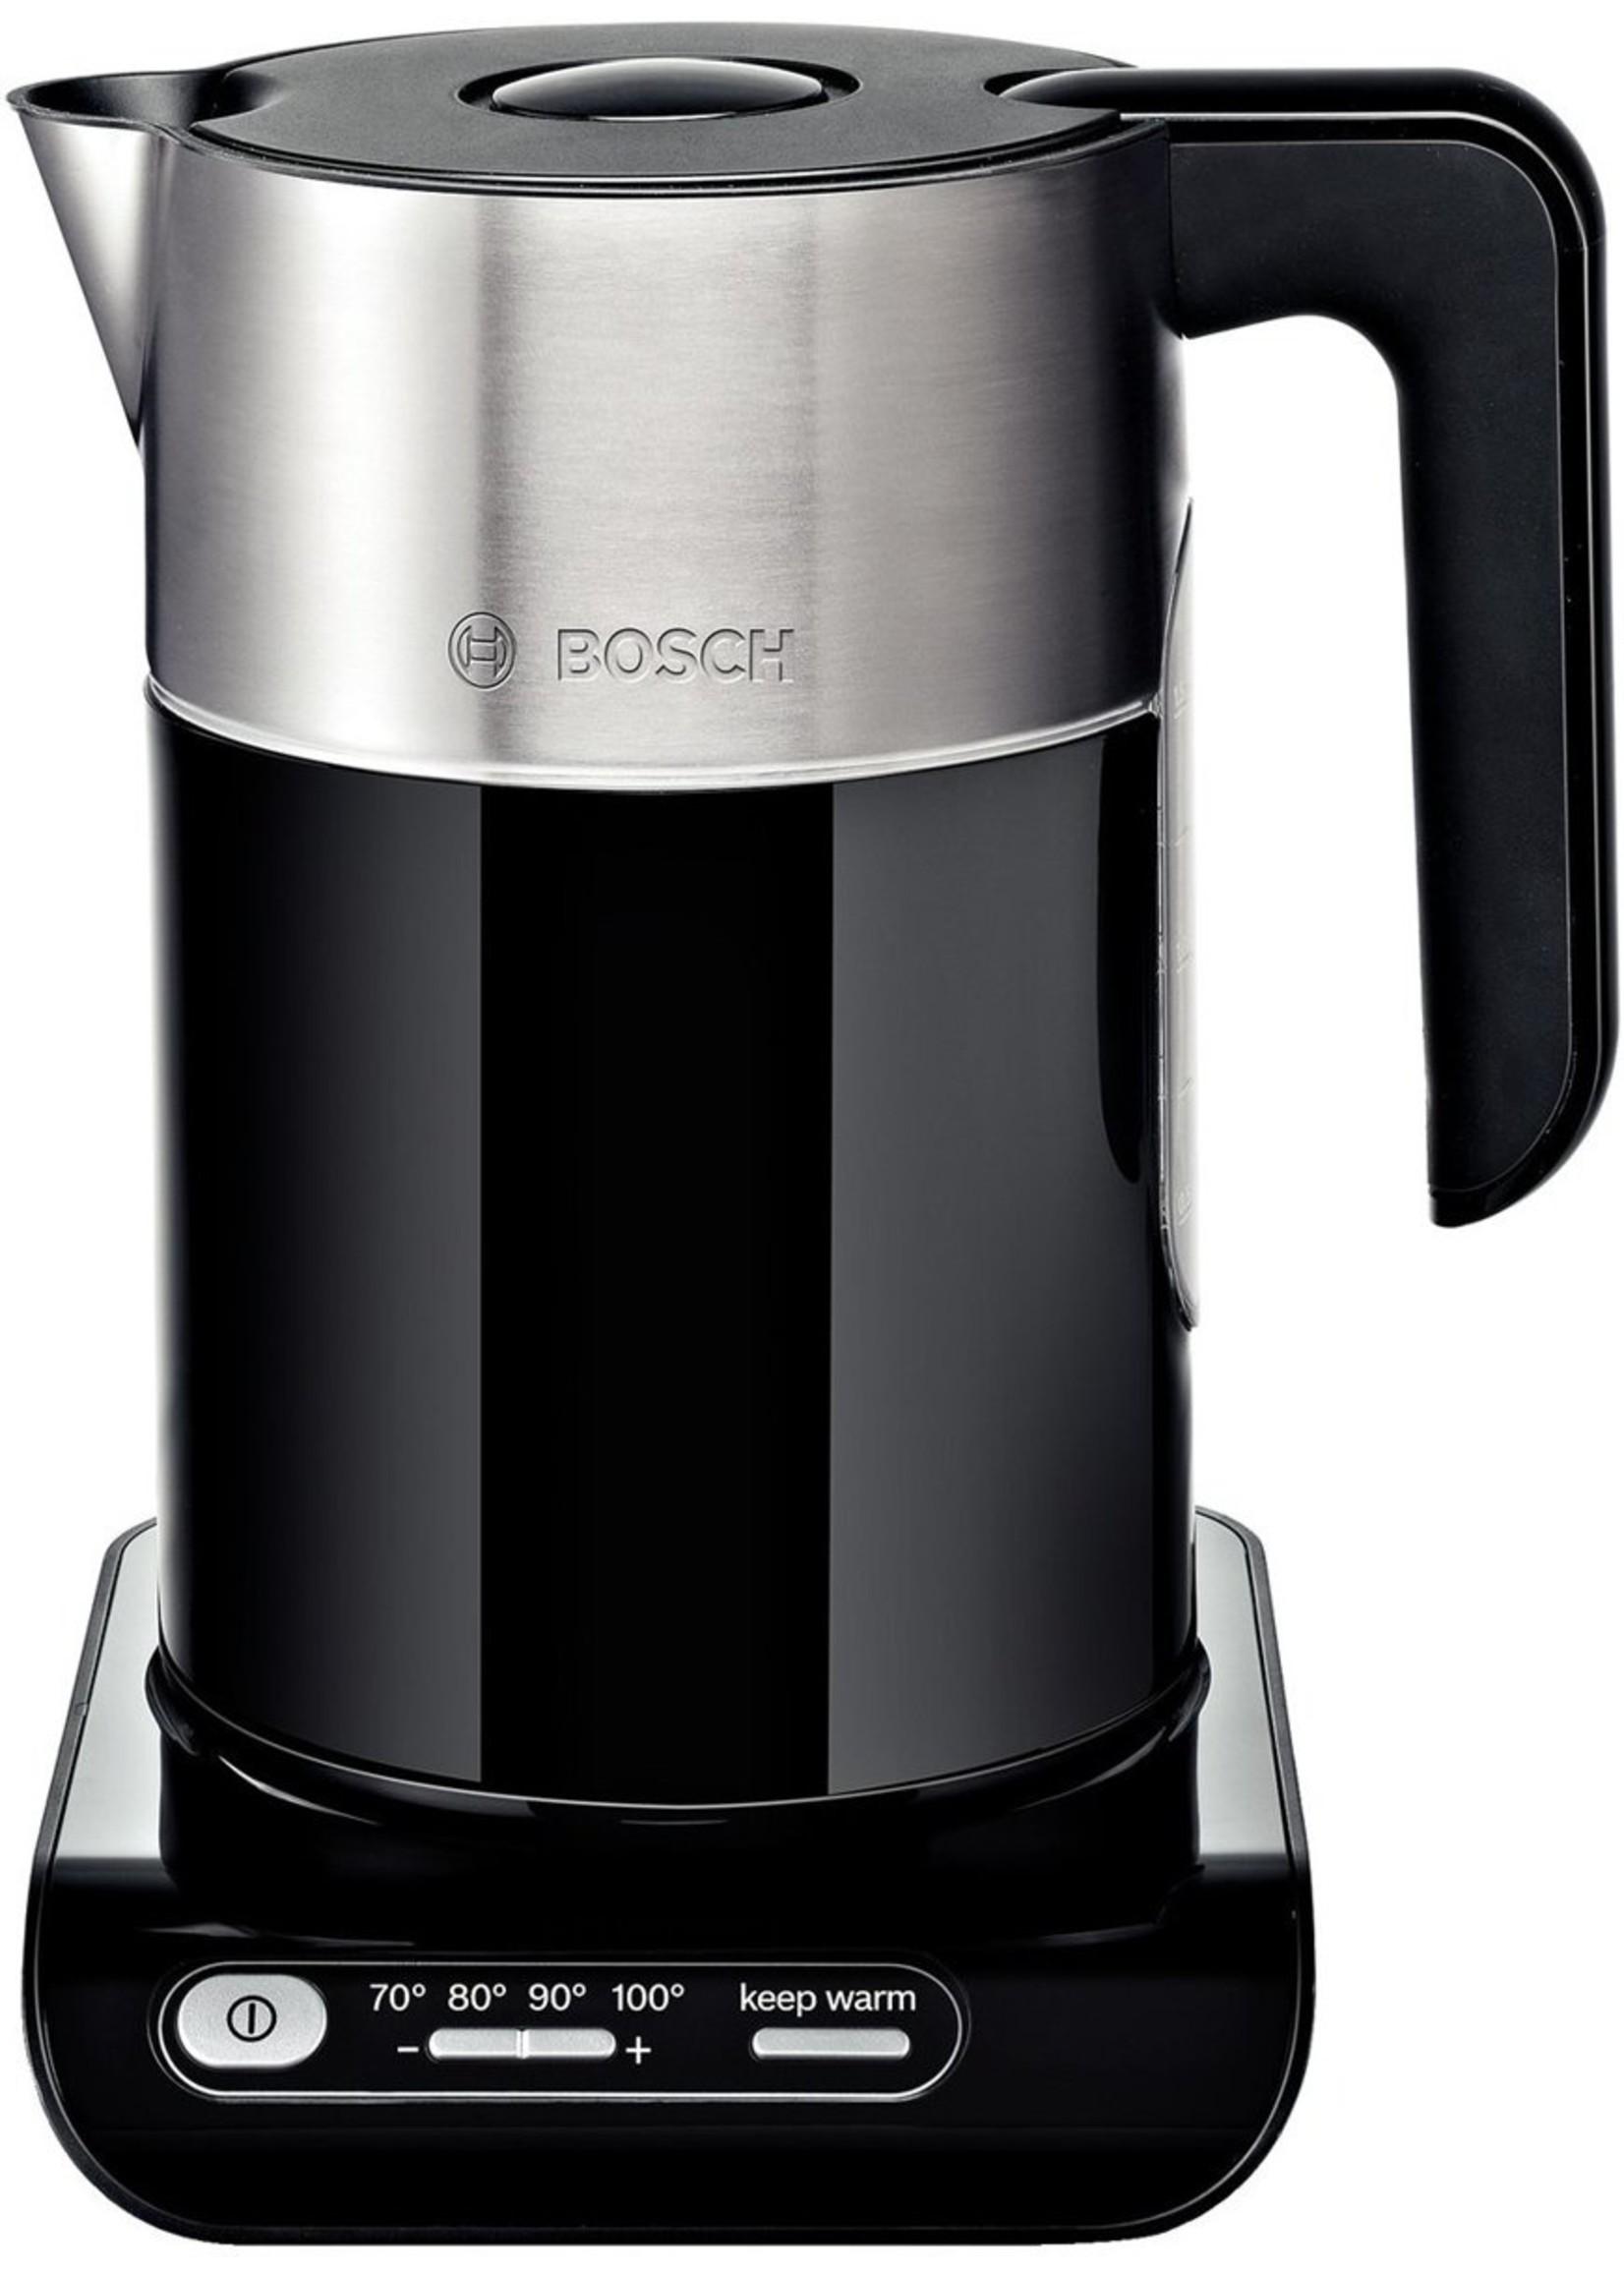 Bosch Bosch Waterkoker TWK8613 - Zwart koopjeshoek